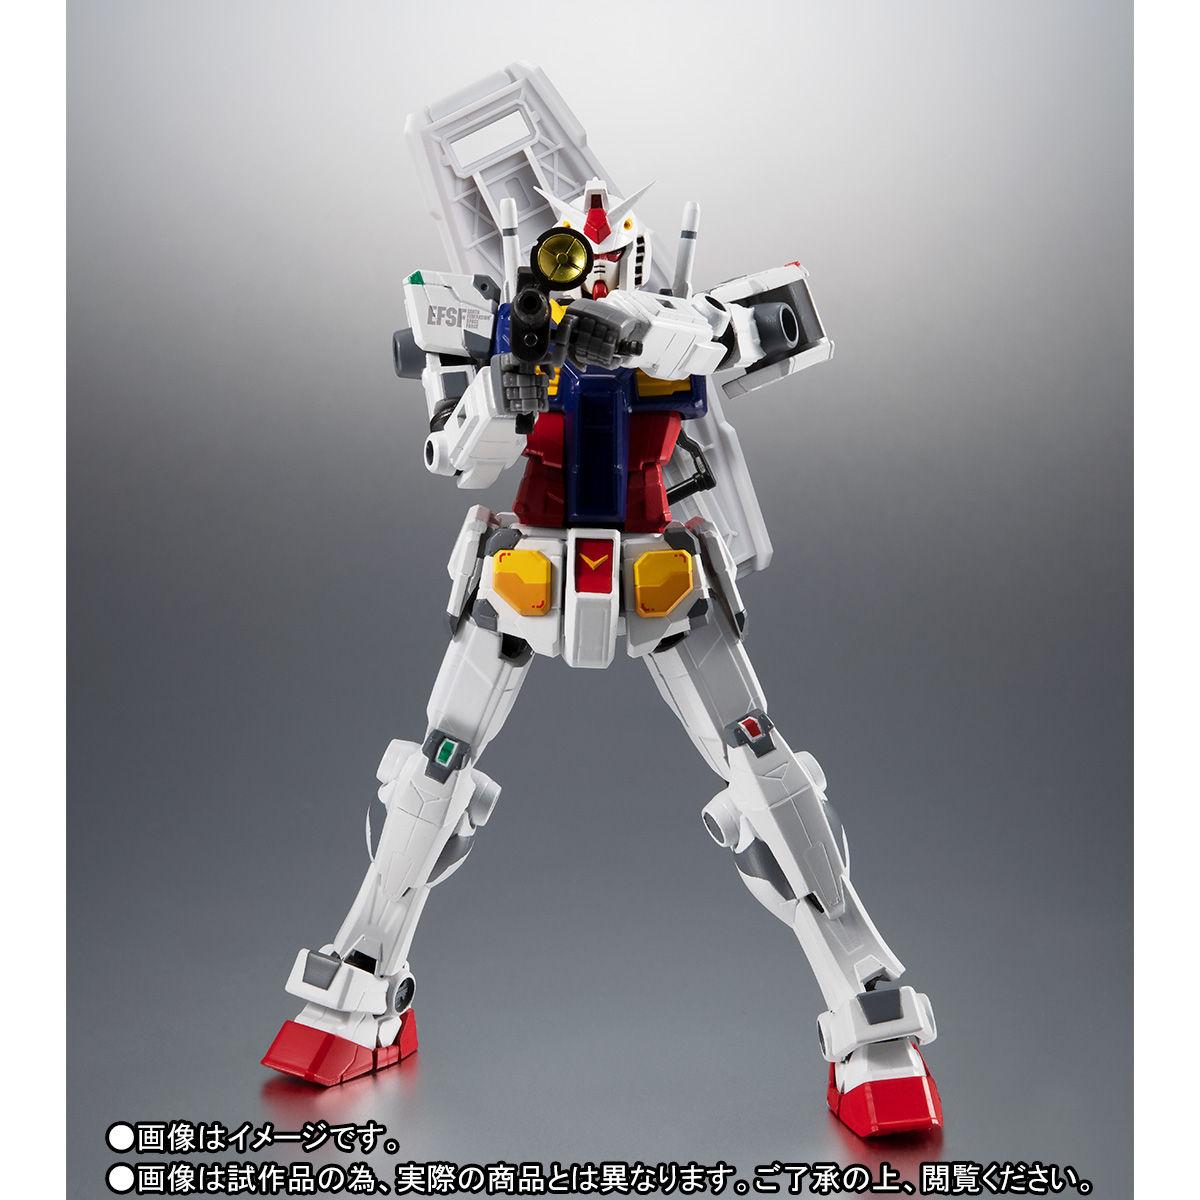 【限定販売】ROBOT魂〈SIDE MS〉『RX-78F00 ガンダム』可動フィギュア-006